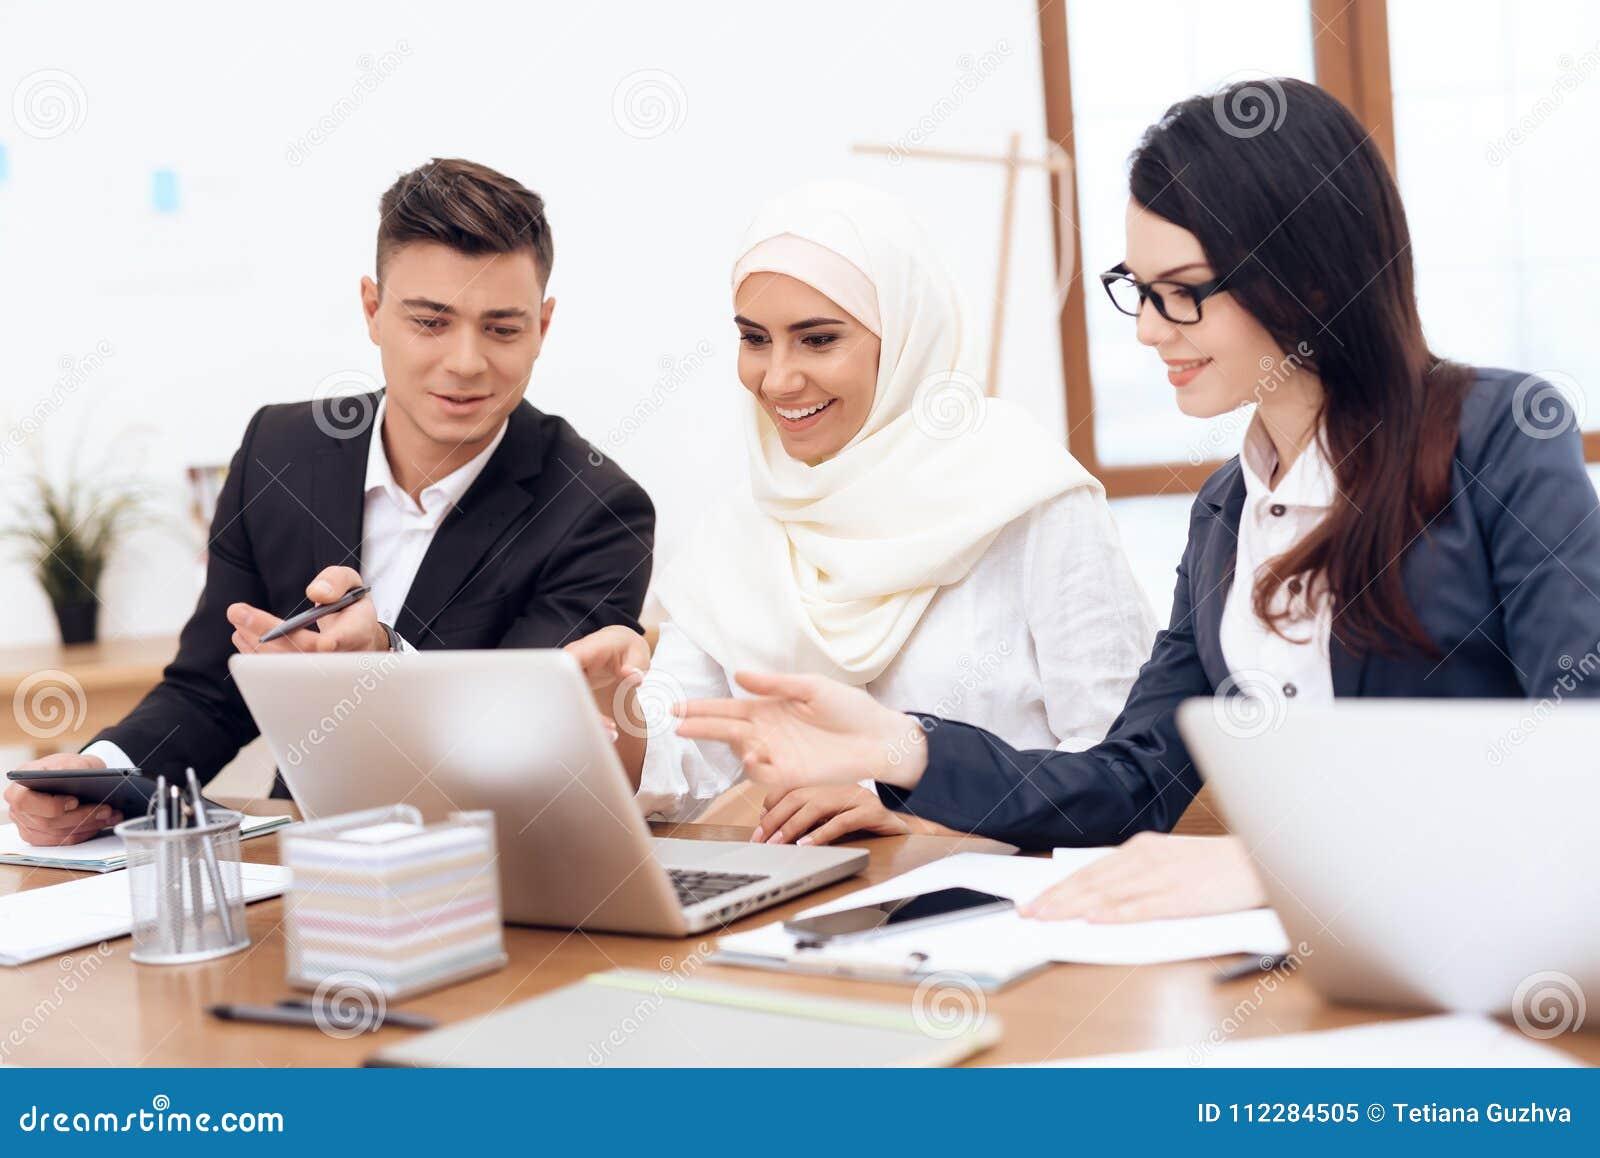 Арабская женщина в hijab работает в офисе вместе с ее коллегами